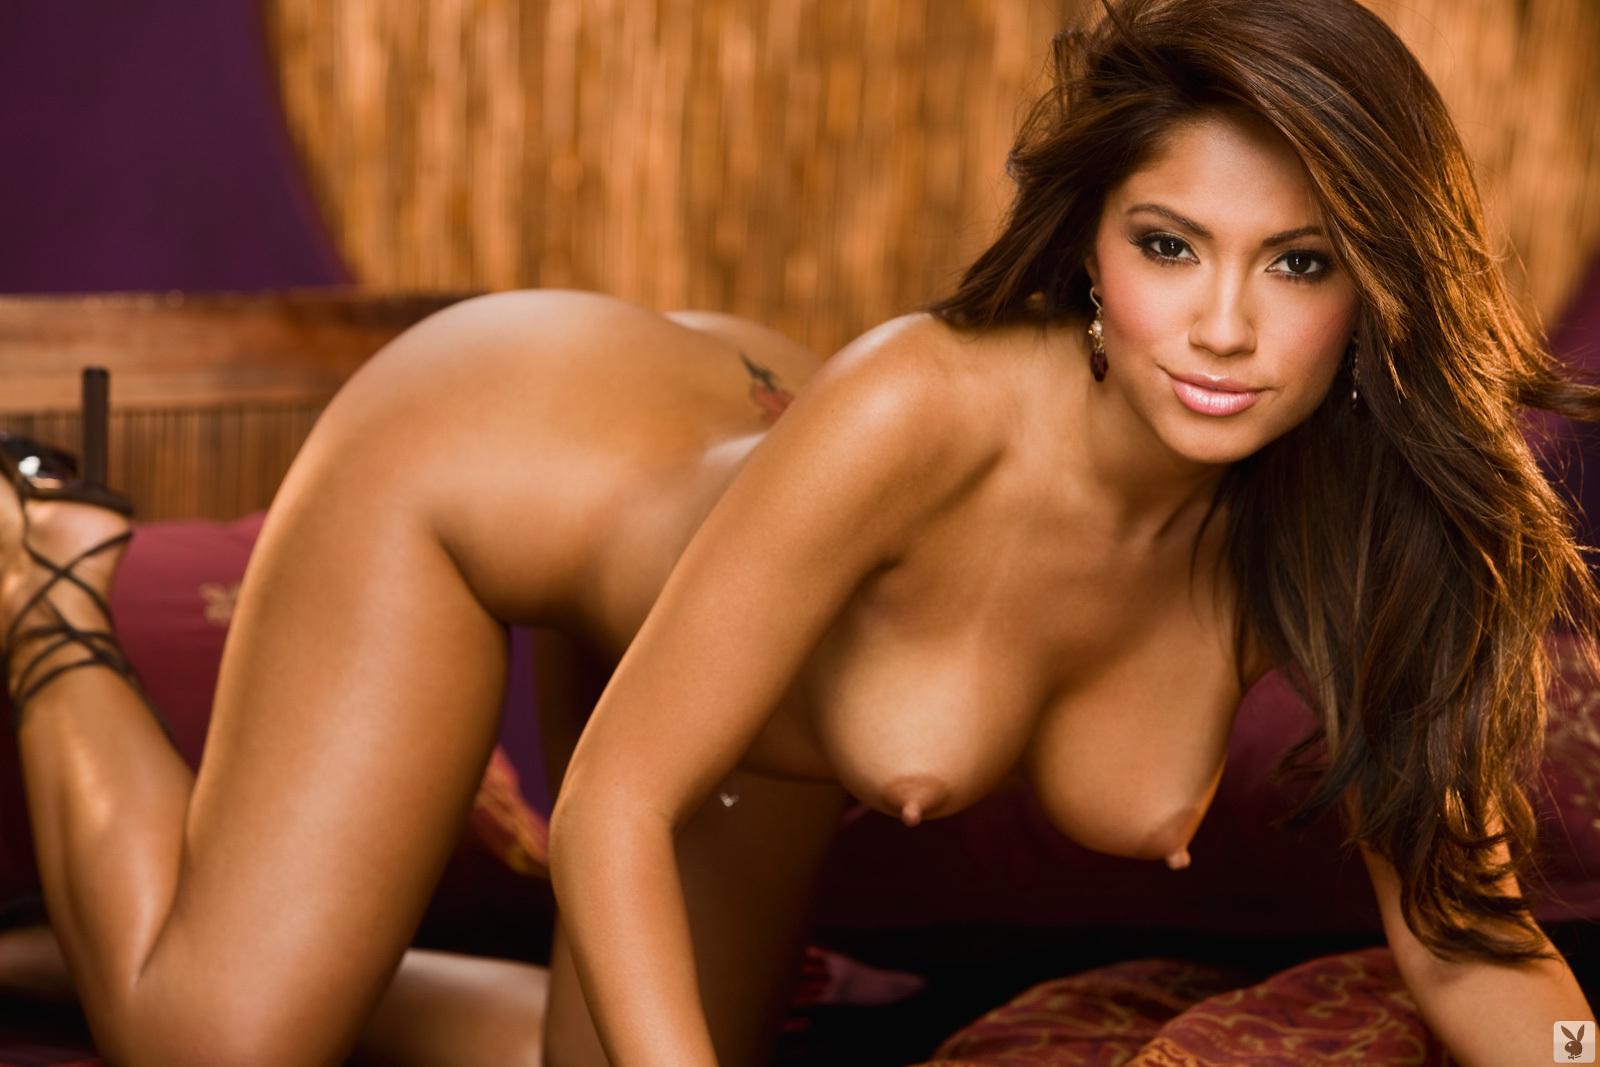 Pershing jennifer Sexy nude